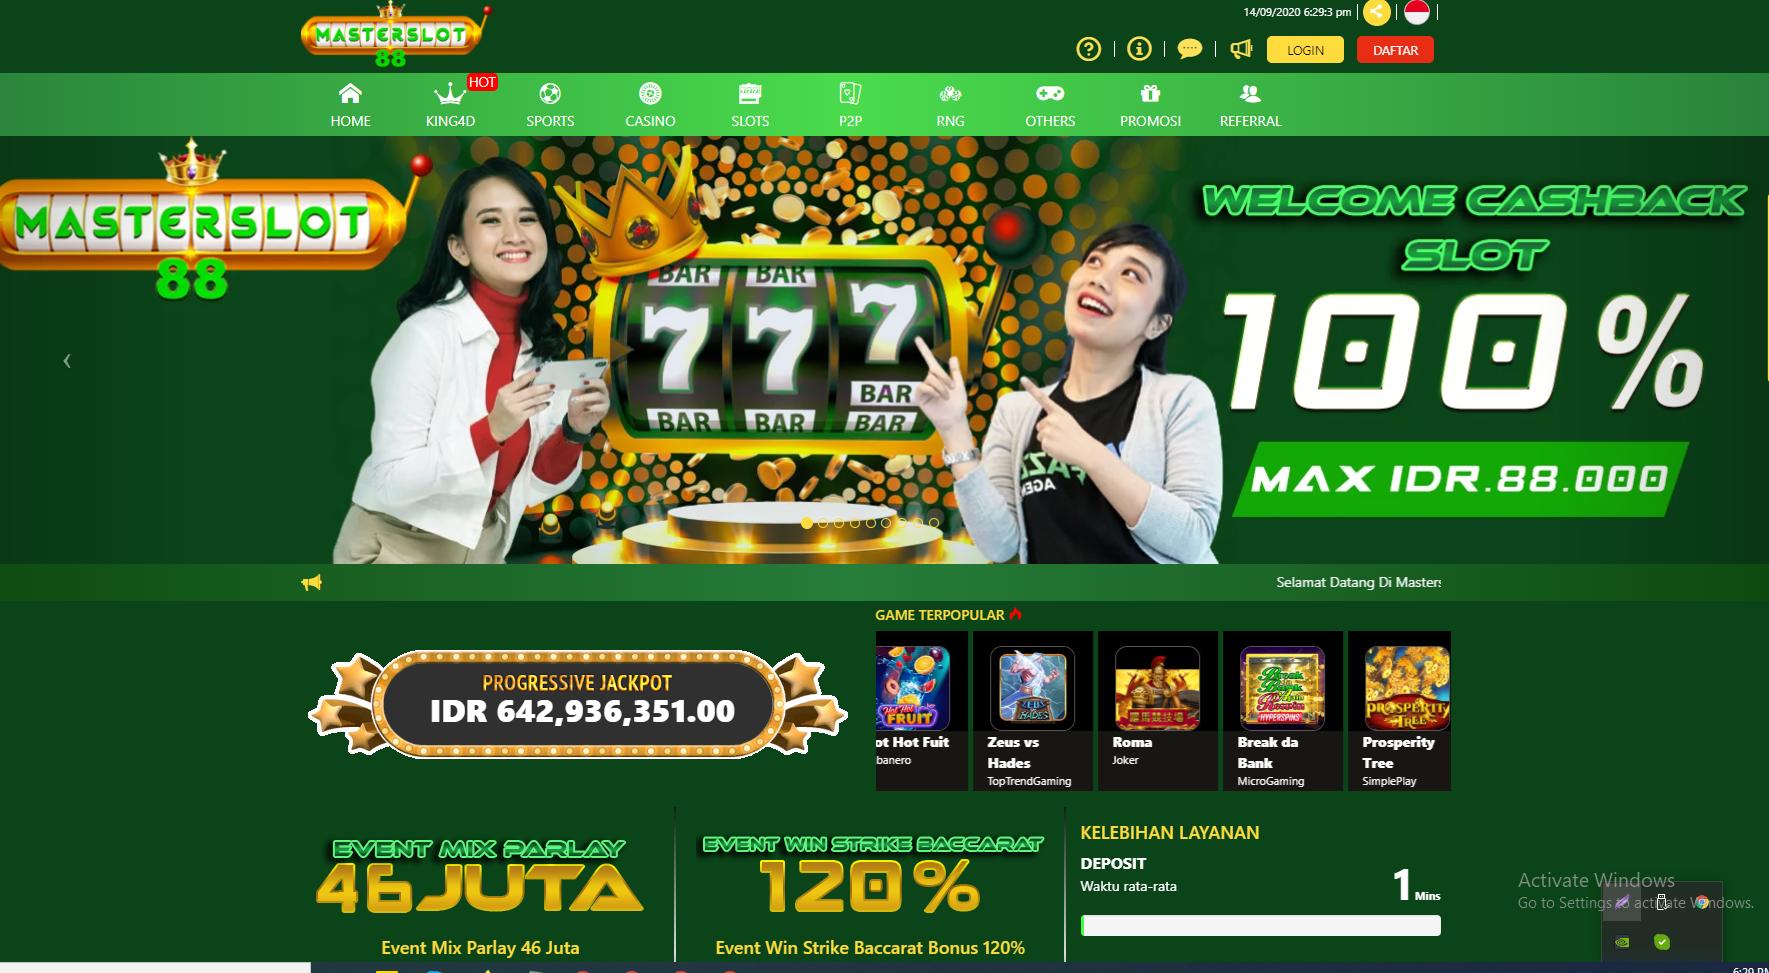 Masterslot88 Situs Slot Pragmatic Deposit Aplikasi Ovo 24 Jam Blacksmith In Jakarta Homify